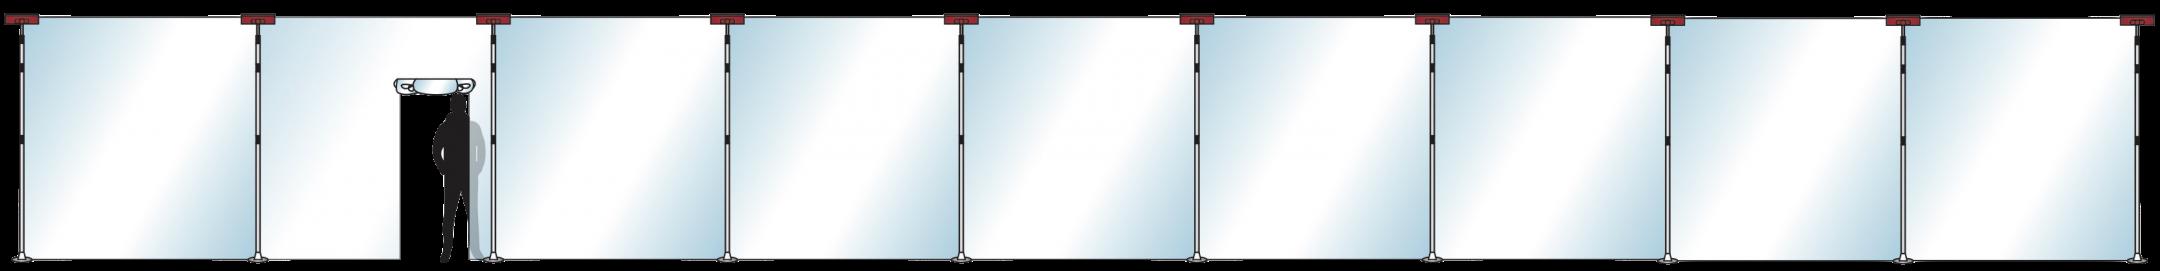 zipwall-zipscreen10-stofscherm